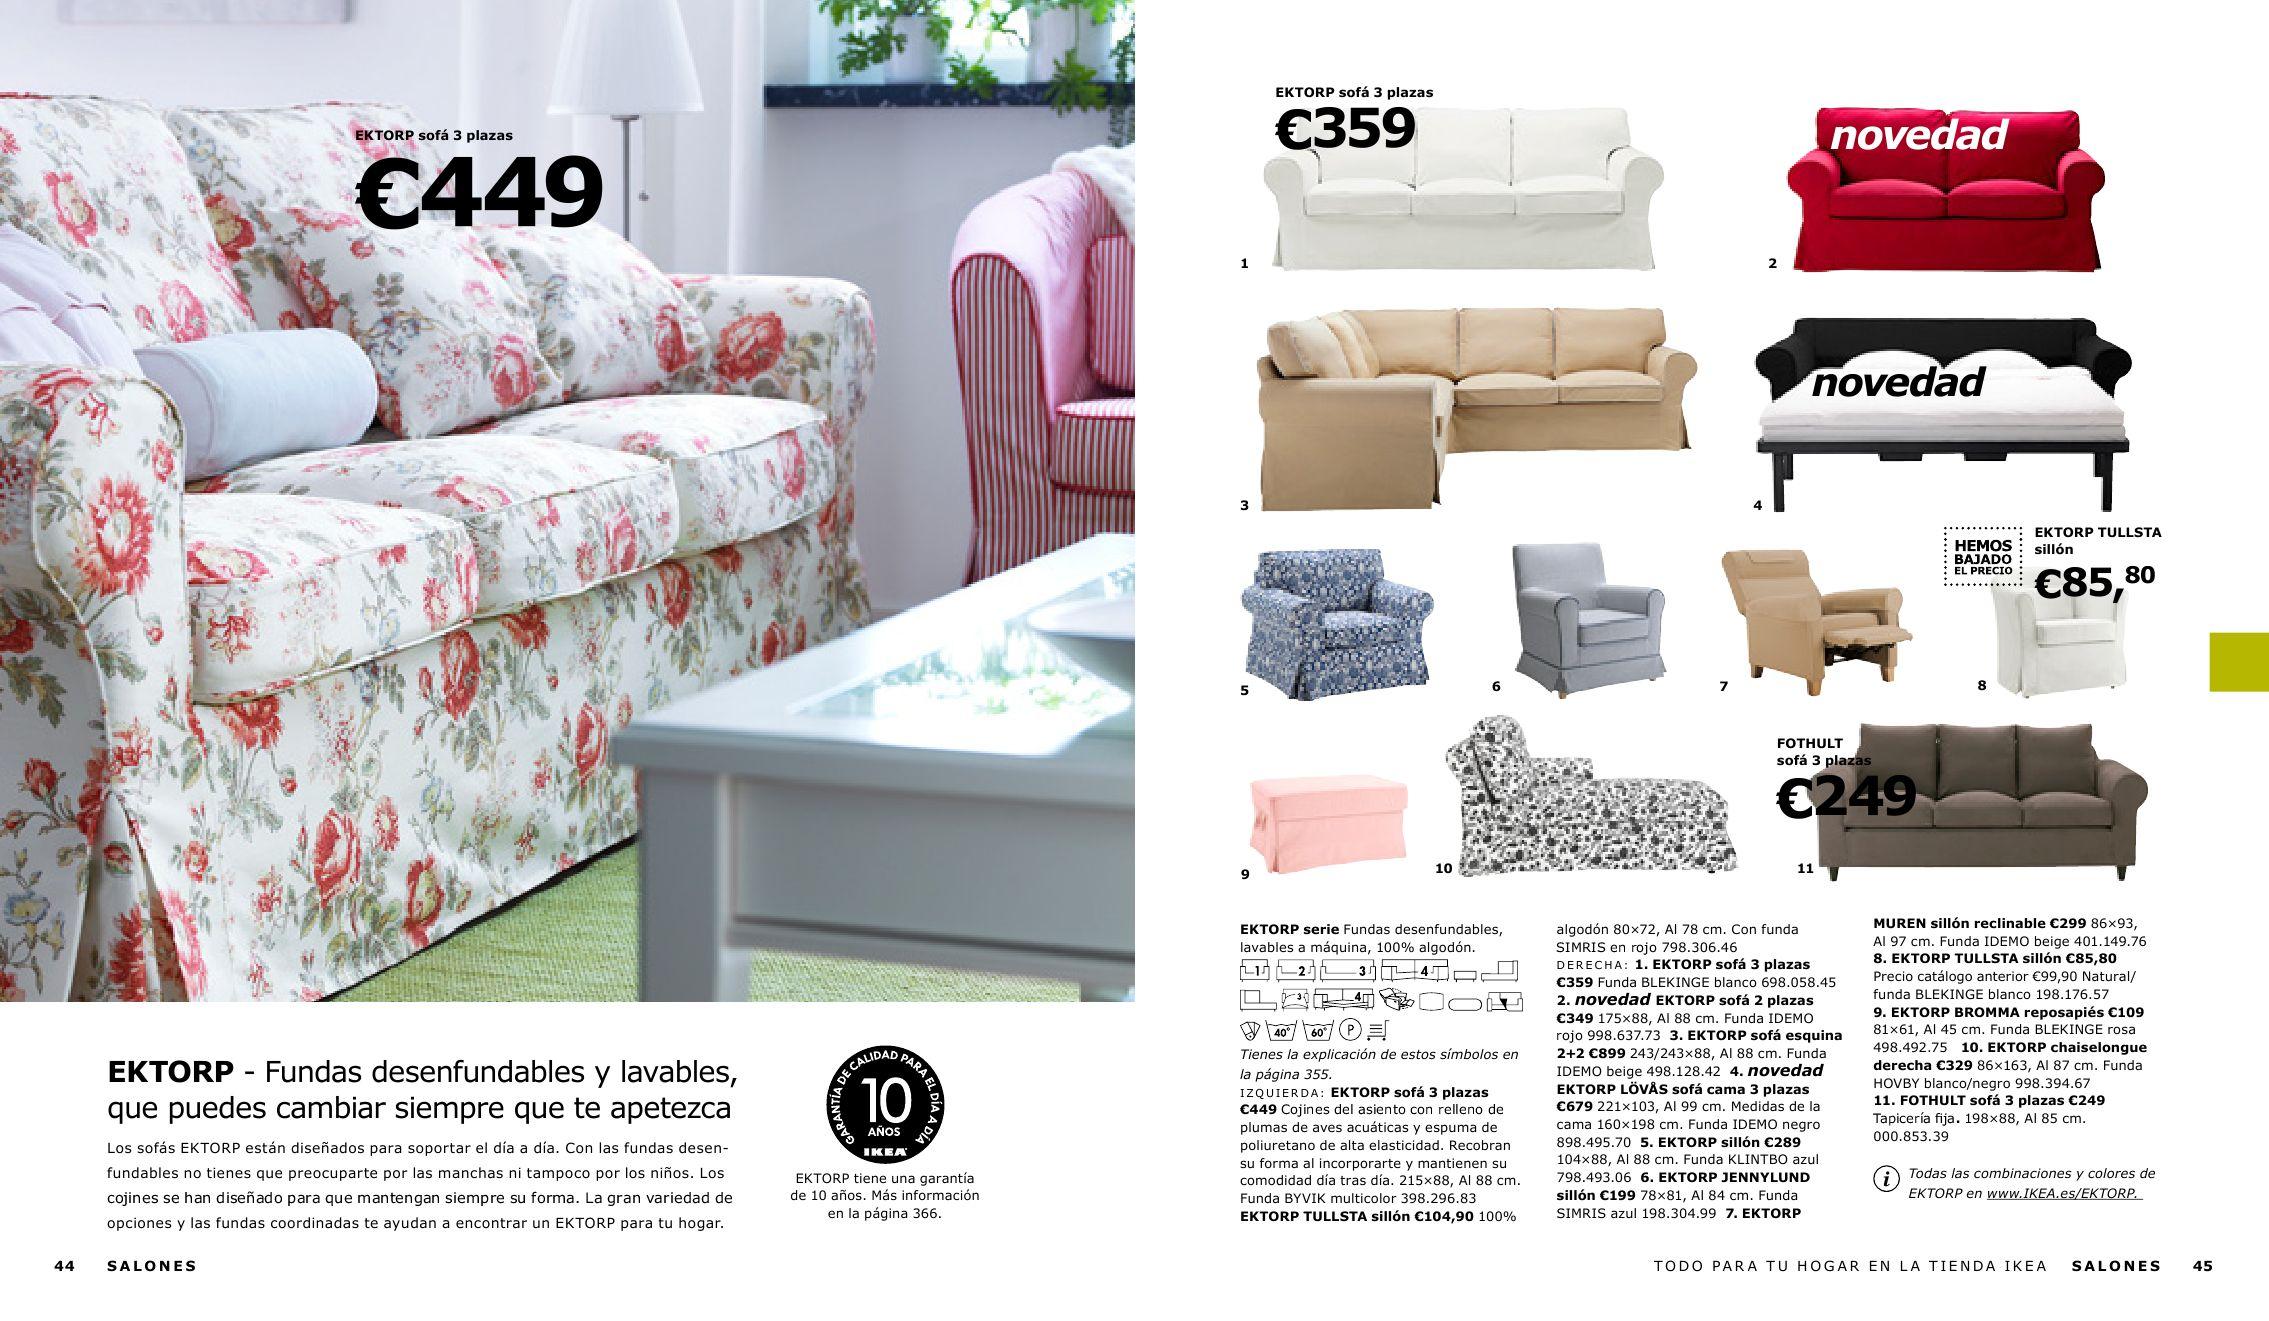 283313b4d2a Catálogo IKEA 2010 by miguelator - issuu